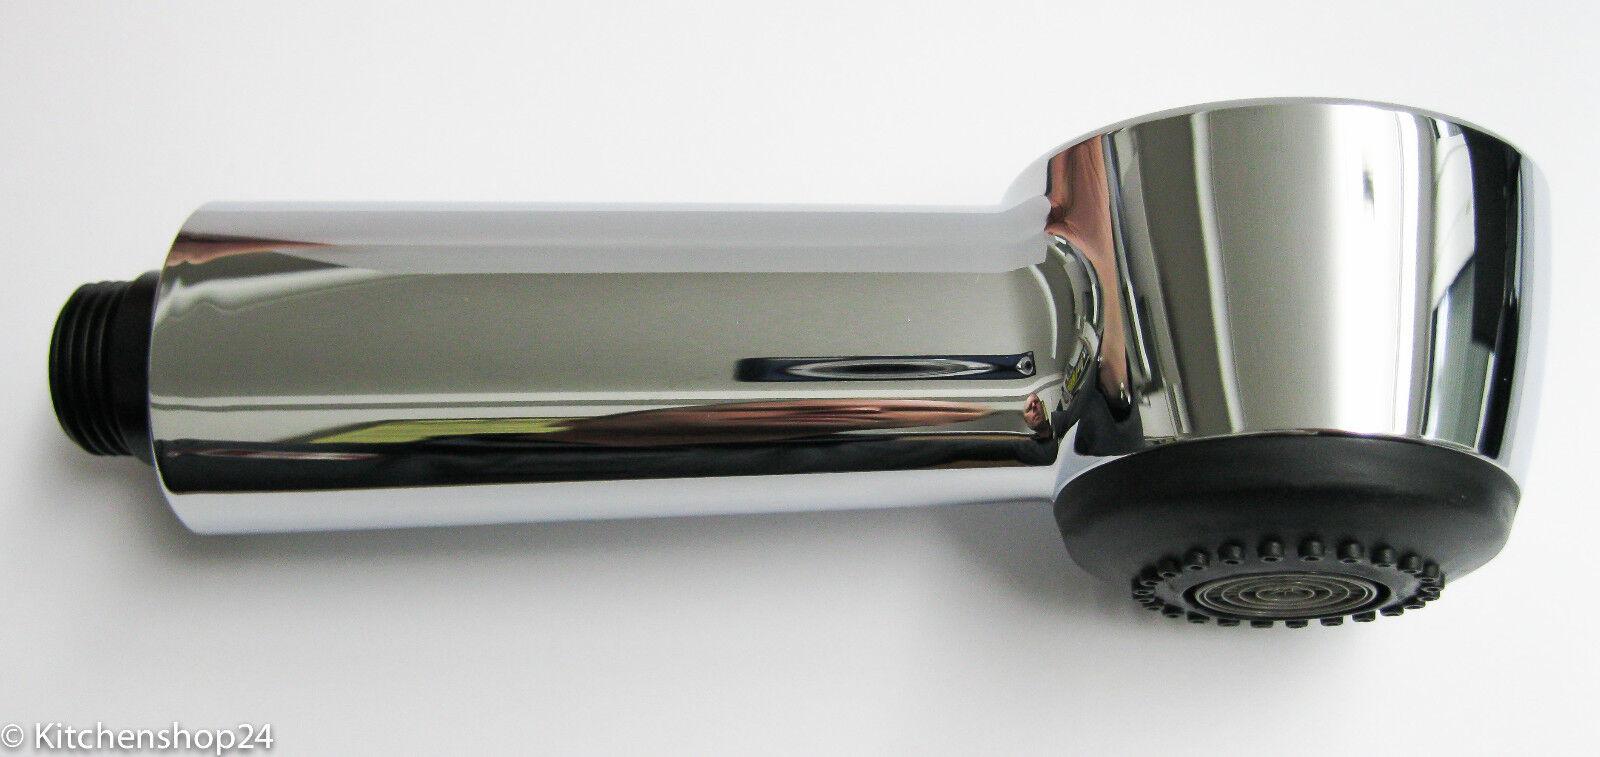 Weiß Weiß Weiß Brausekopf Elipso-S II chrom HD | Elegante und robuste Verpackung  | Niedrige Kosten  | Düsseldorf Eröffnung  | Offizielle  7f8cea